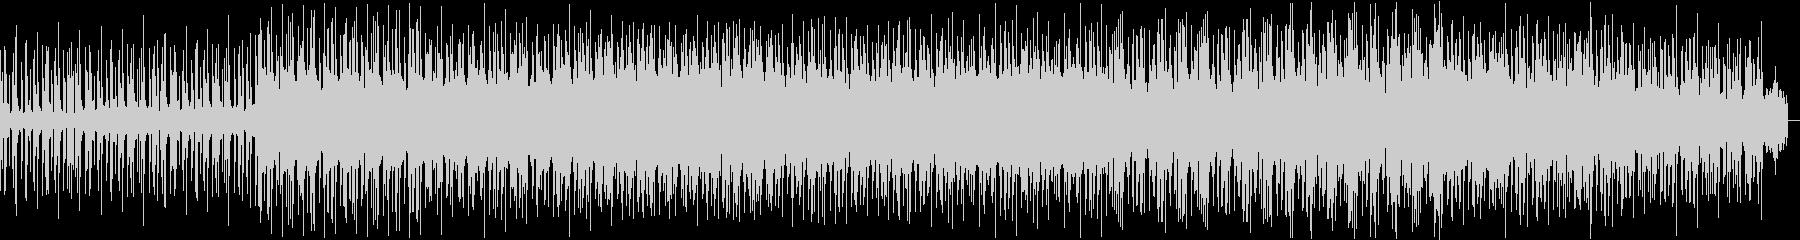 【重低音】ミドルテンポでダークな雰囲気の未再生の波形